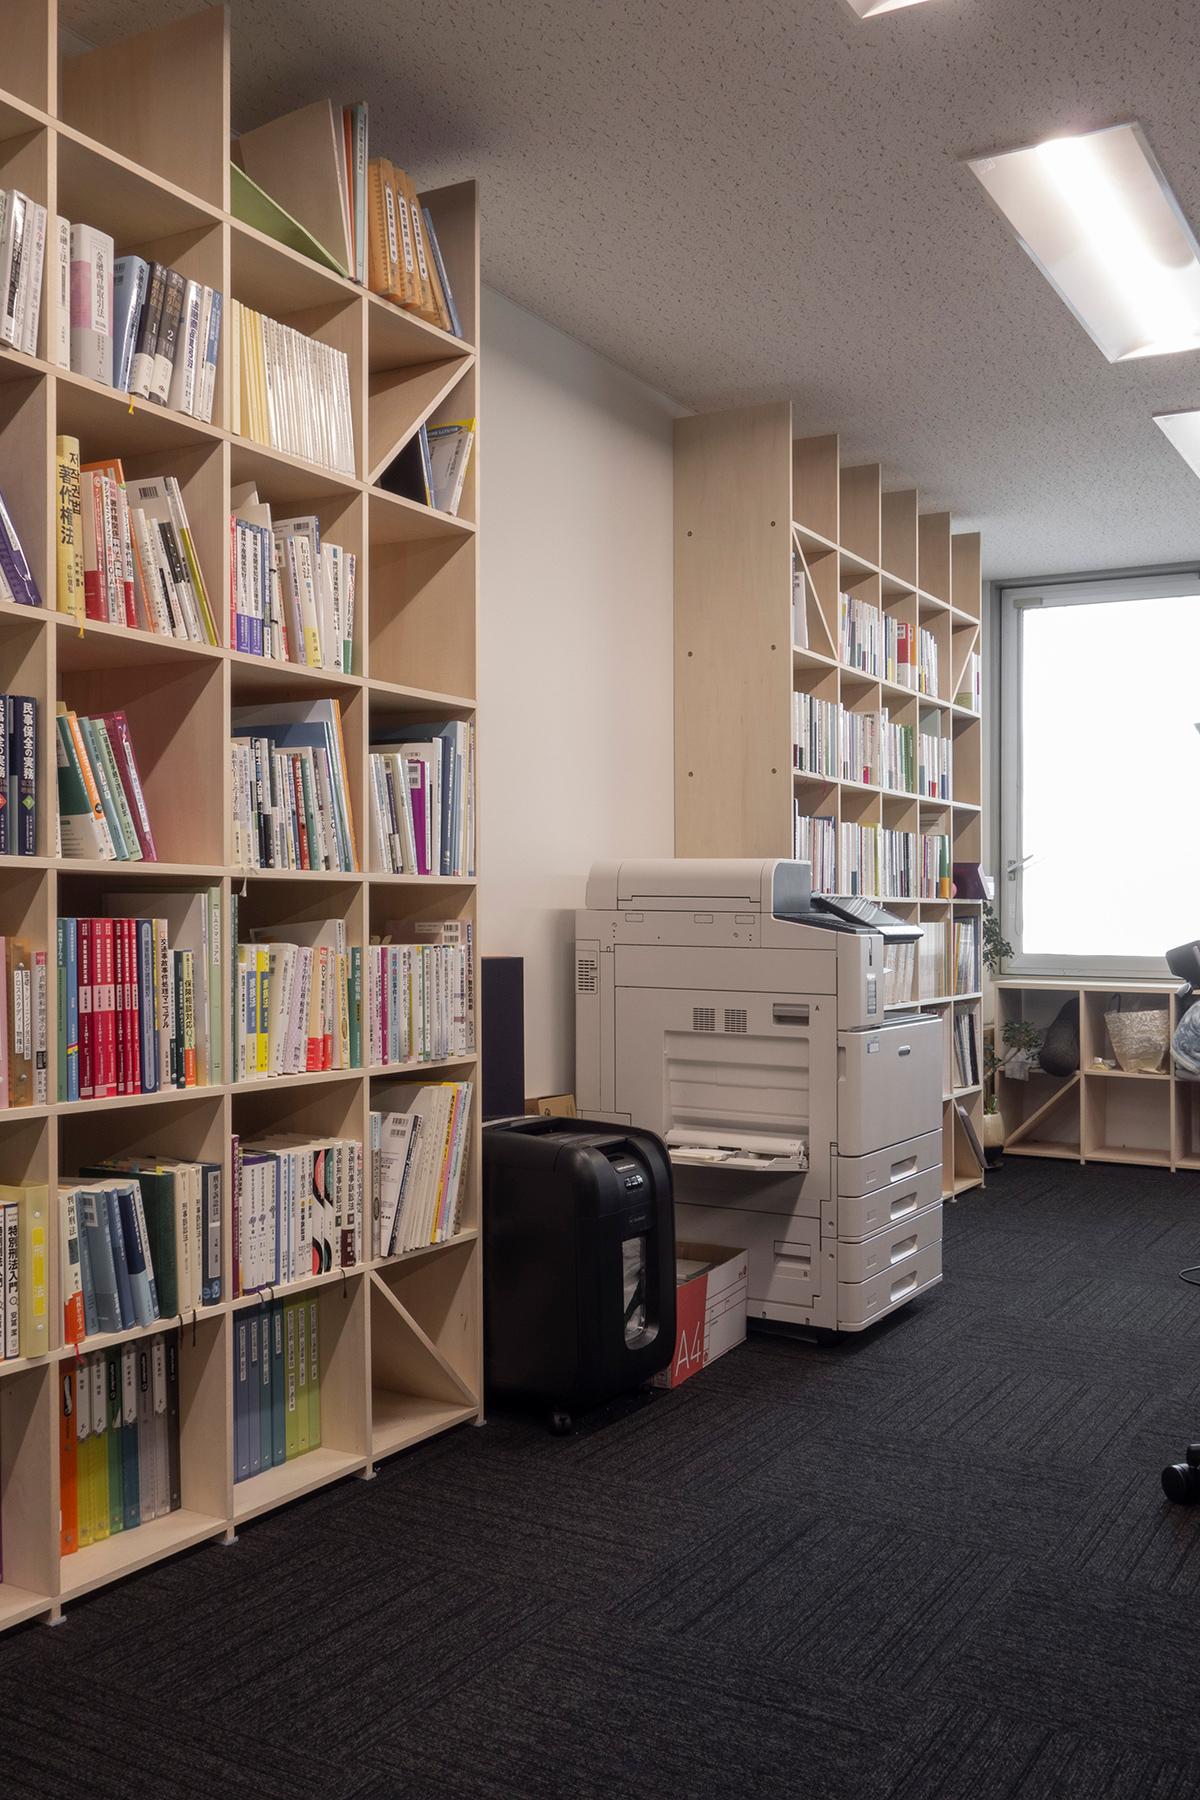 法律事務所の執務室・相談室に - その1 | 壁一面の本棚 奥行350mm / Shelf (No.102) | マルゲリータ使用例